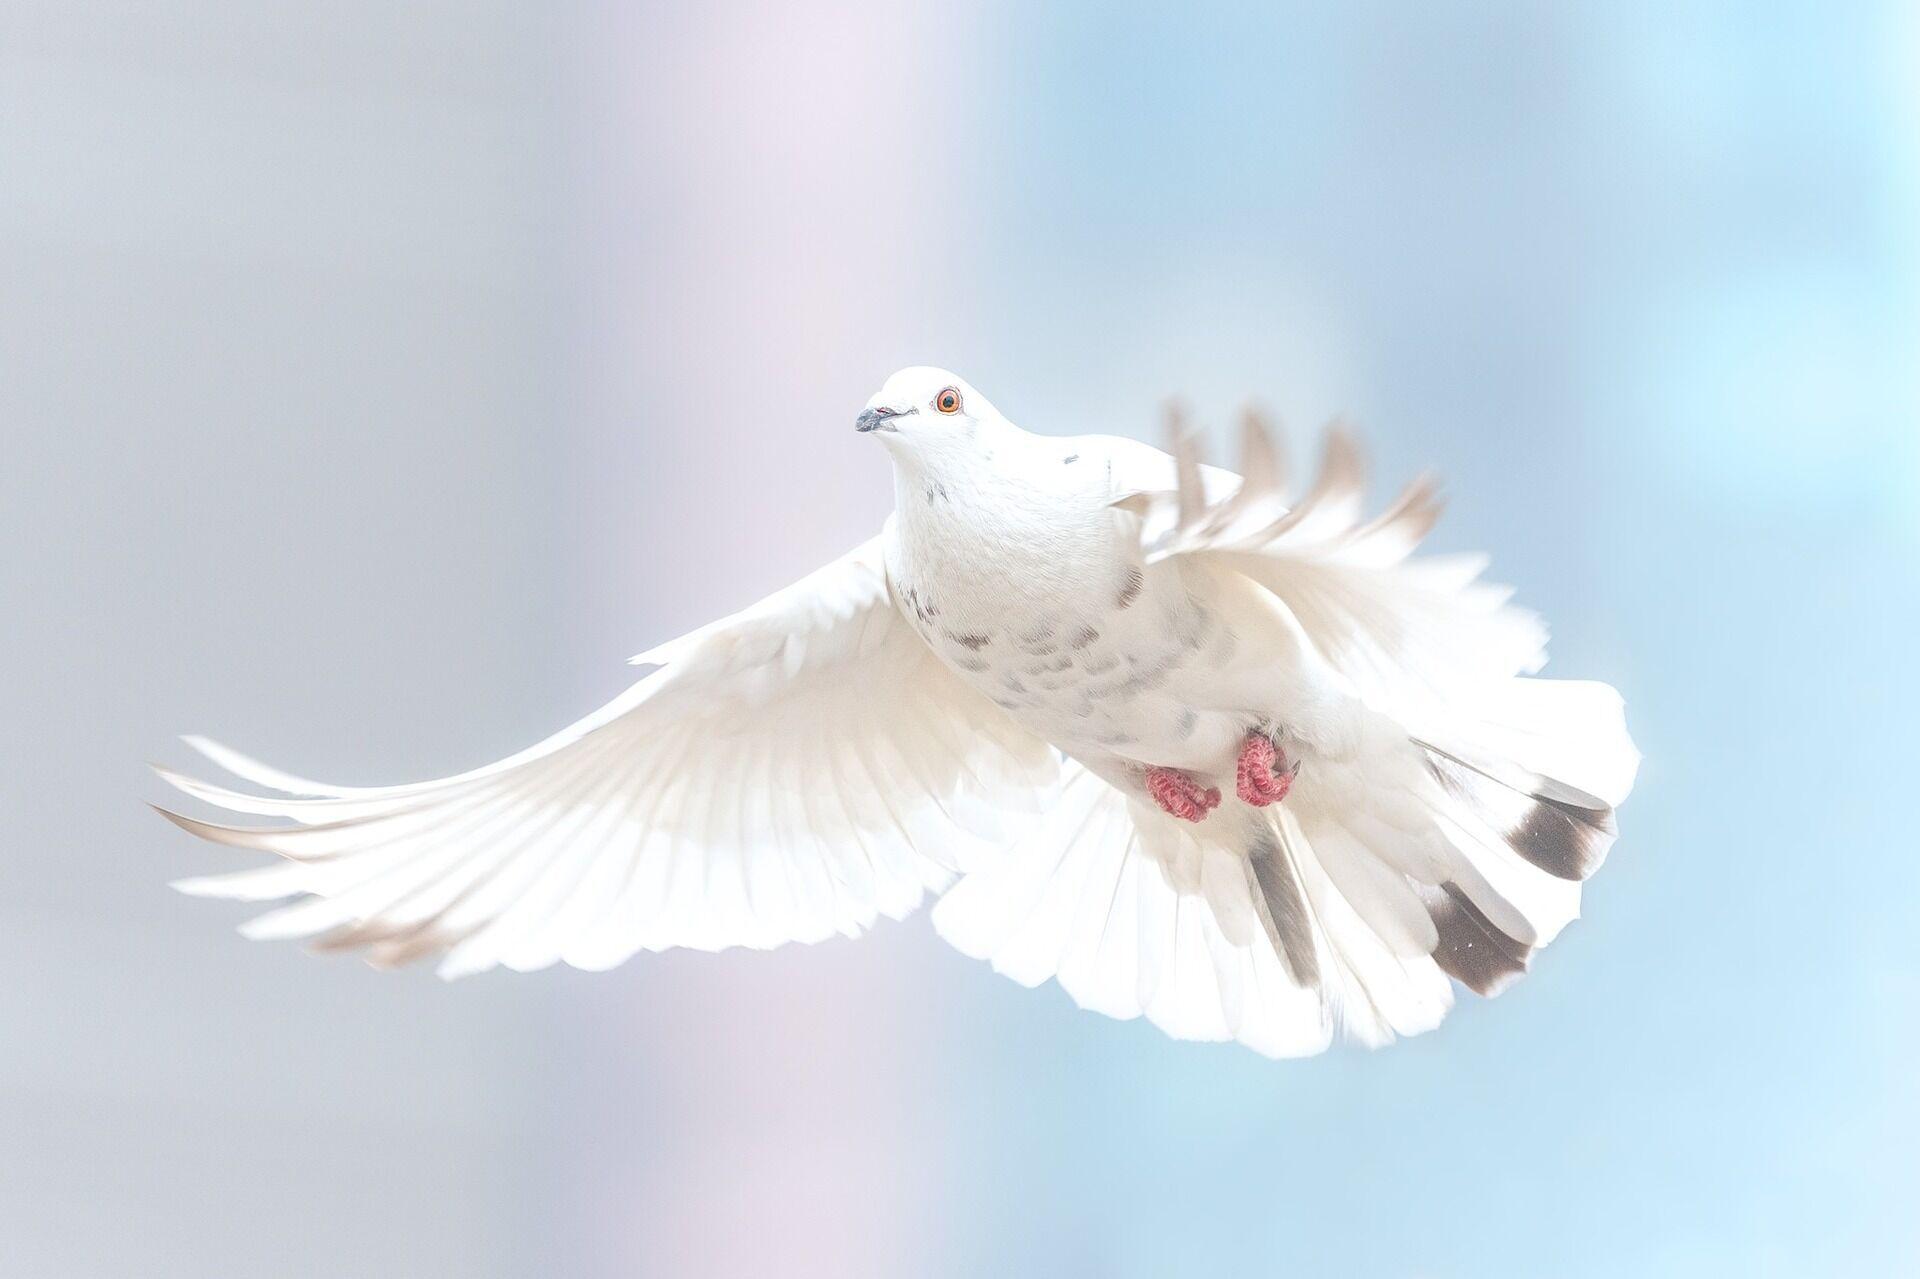 Свято на честь Святого Духа святкується наступного дня після Трійці